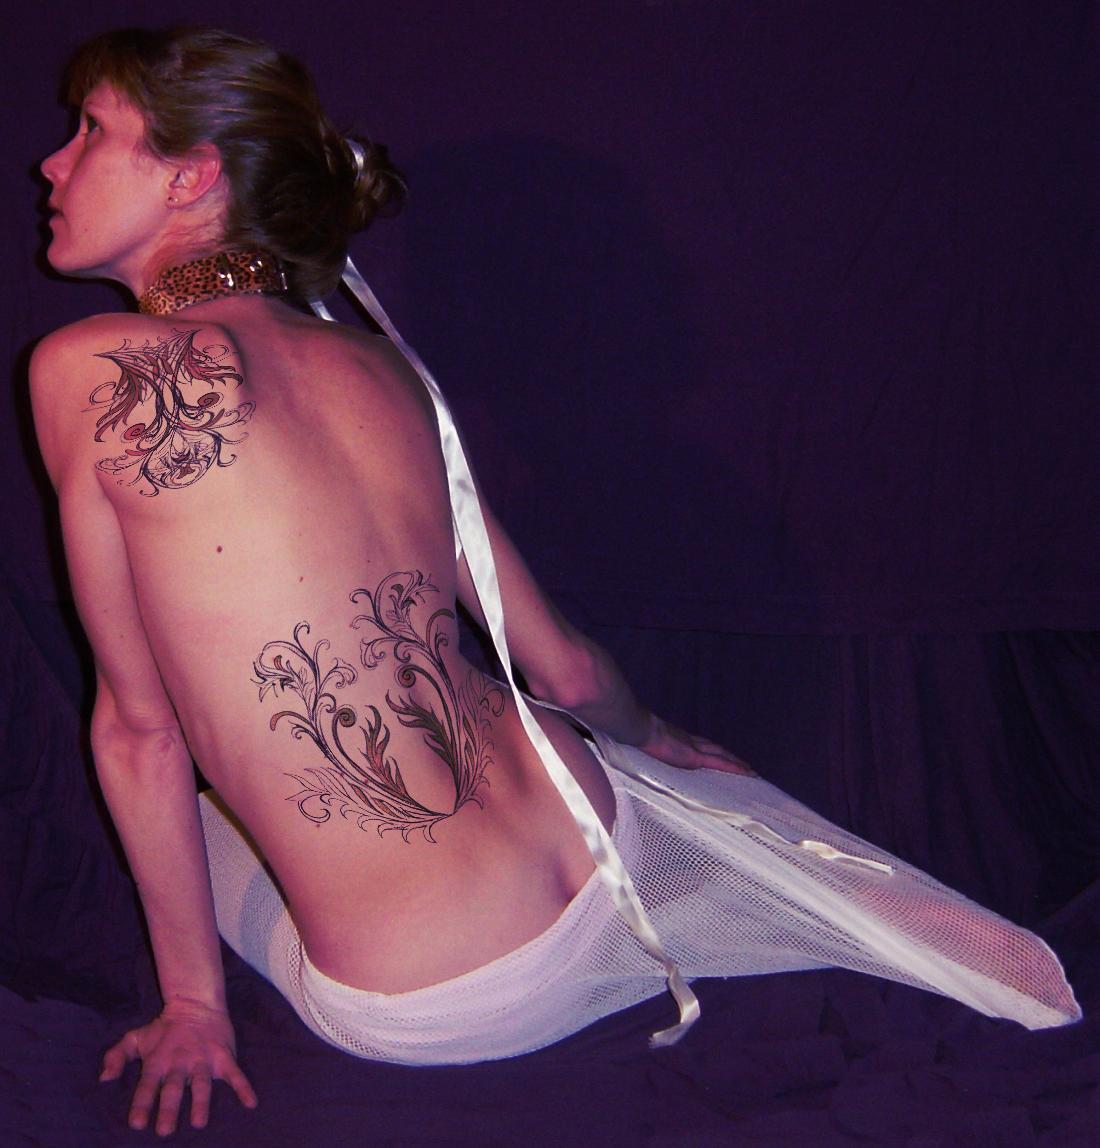 http://1.bp.blogspot.com/_GCiG2J13IUc/TLbRwIhSQcI/AAAAAAAAAAg/RGLRDbup8z8/s1600/Tatuagens+costas.jpg